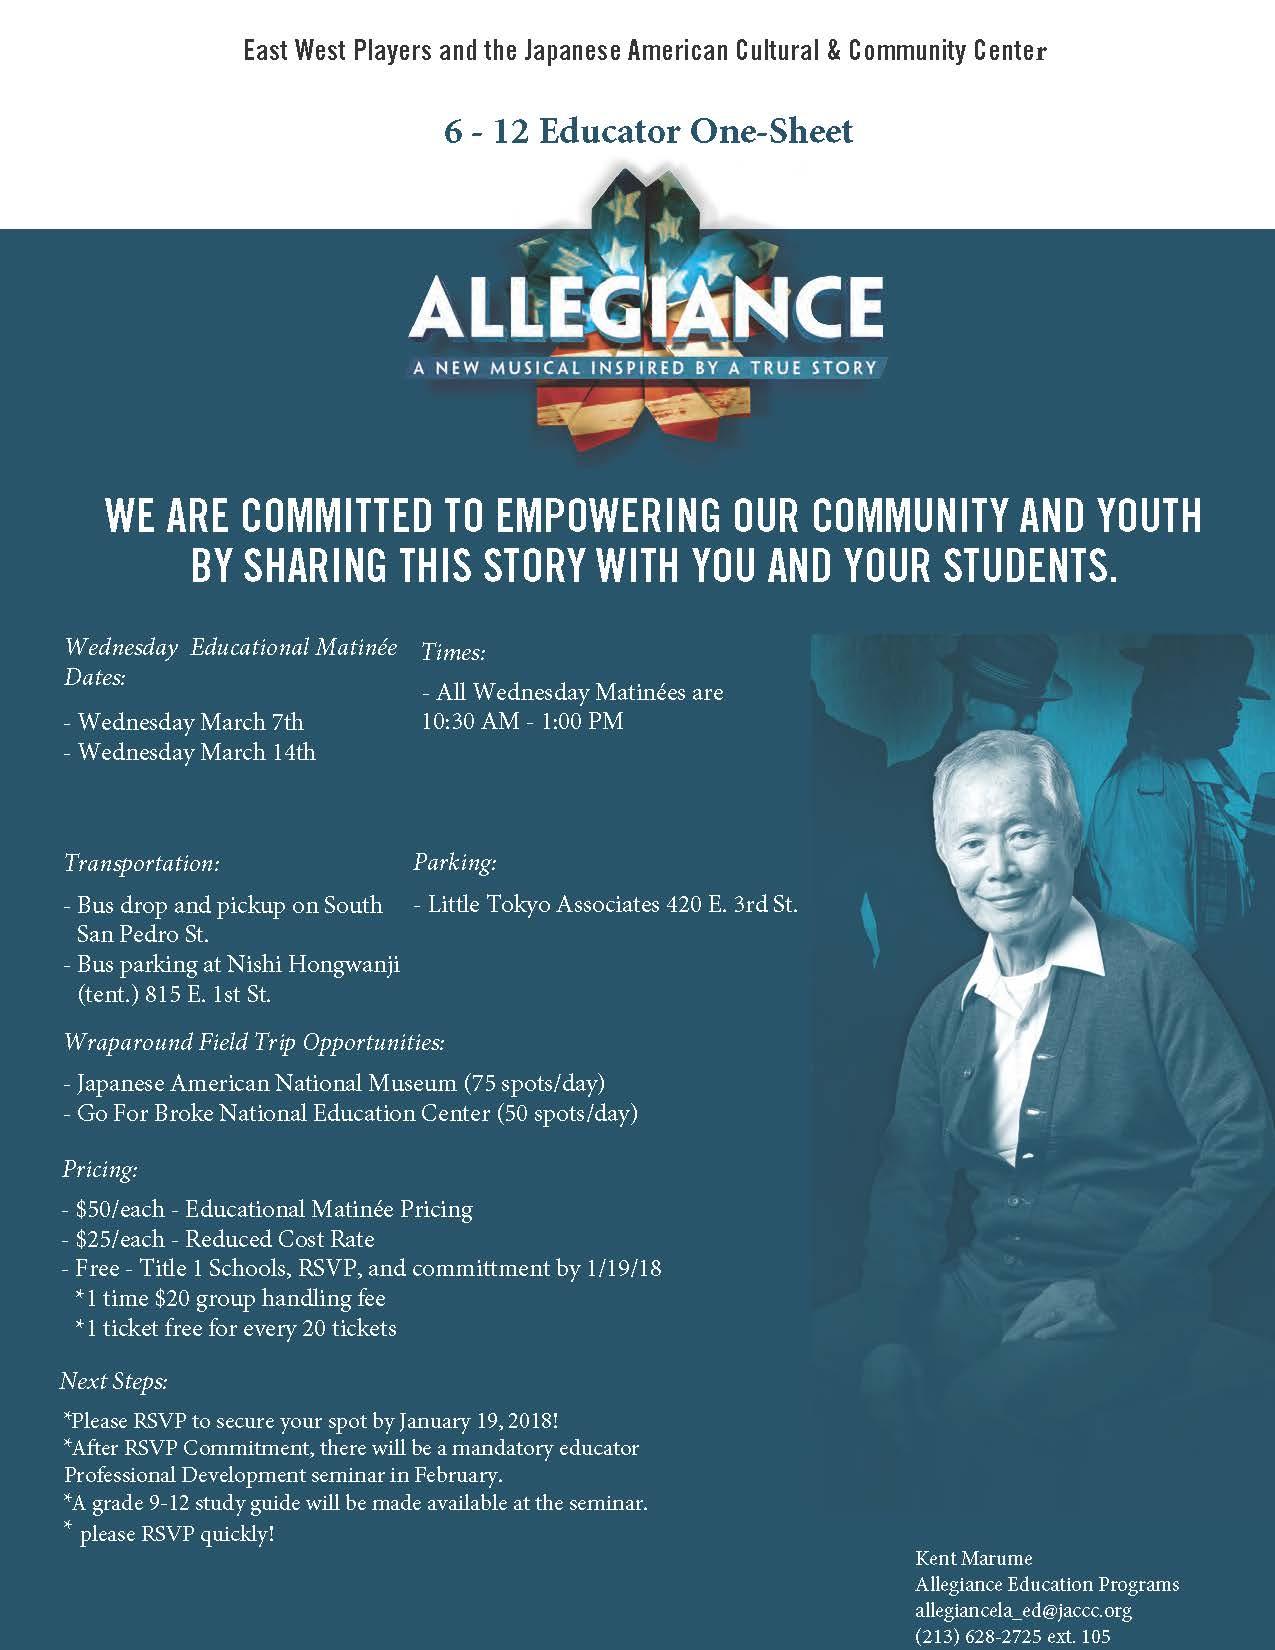 Allegiance Education 6-12 One Sheet.jpg